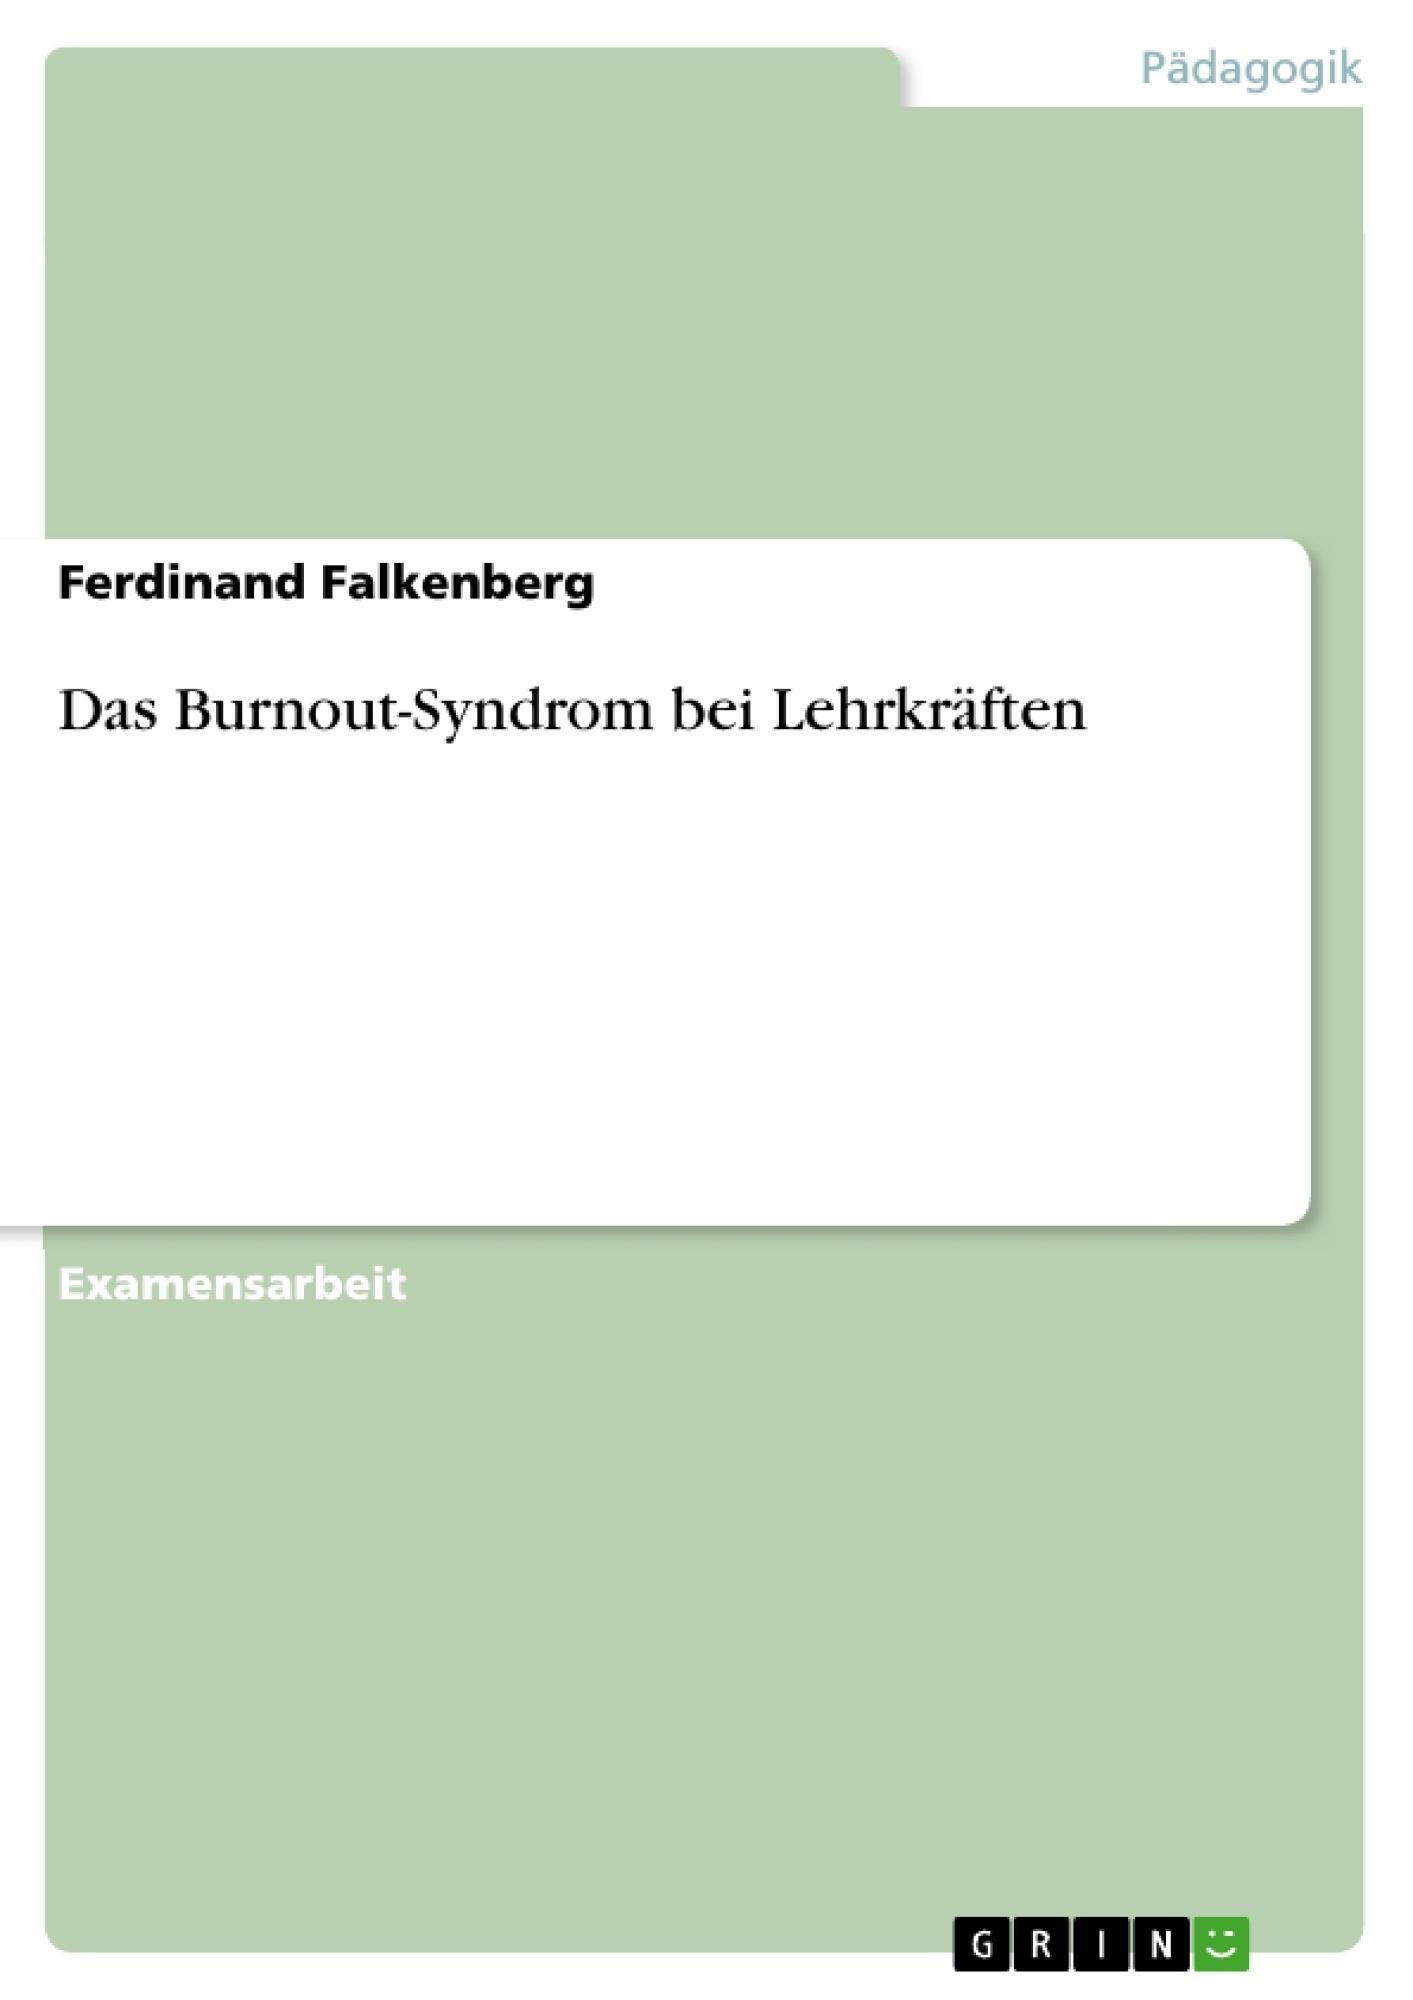 Titel: Das Burnout-Syndrom bei Lehrkräften